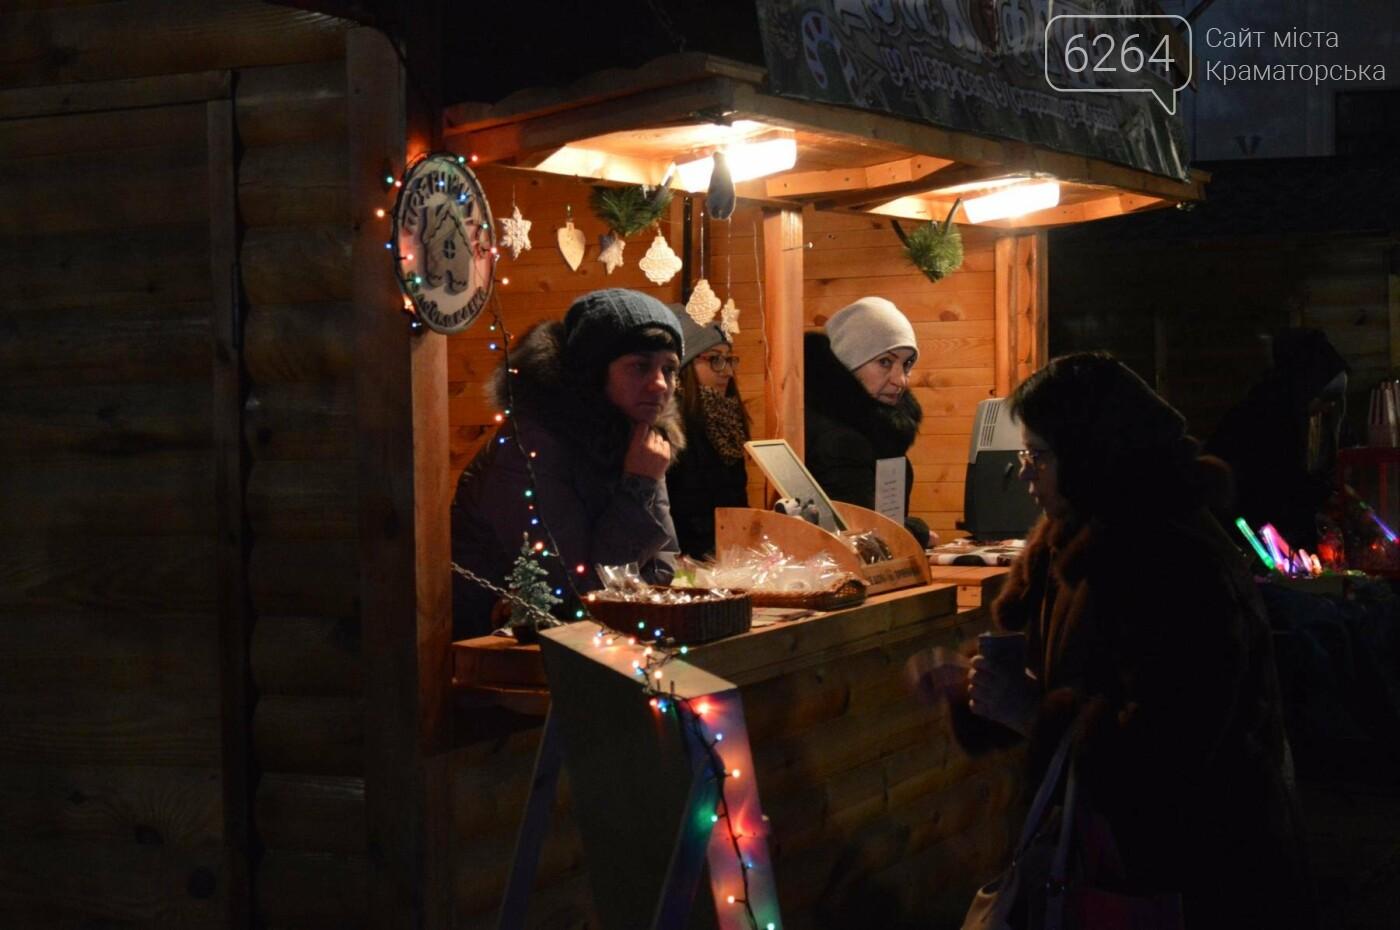 В Краматорске открылась новогодняя ярмарка в «львовском стиле», фото-1